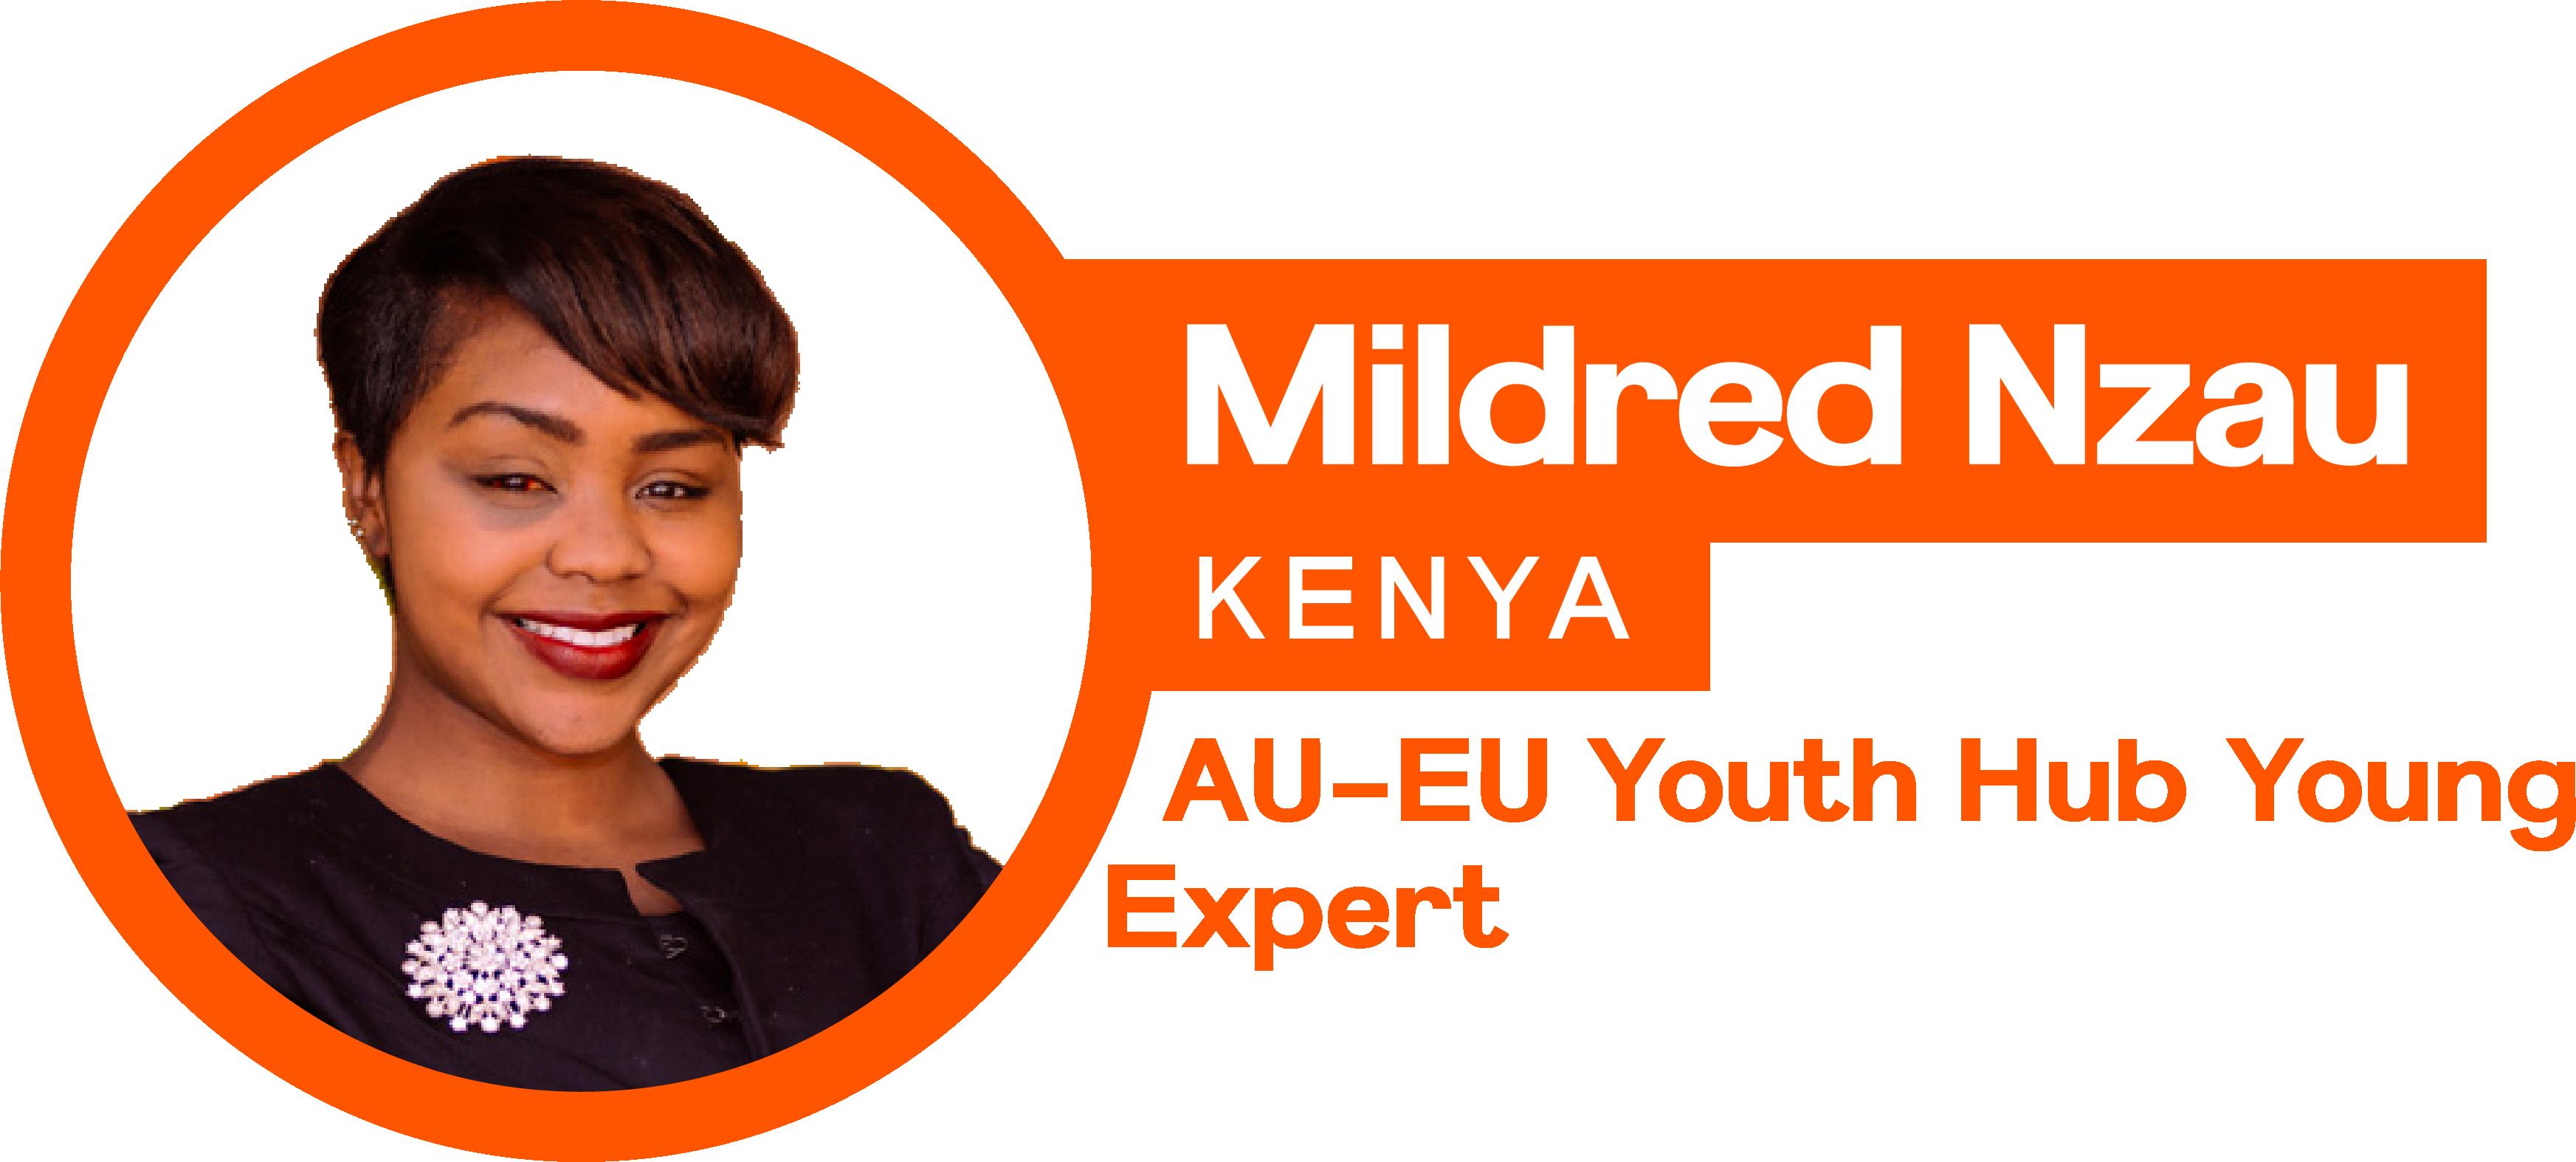 Mildred Nzau